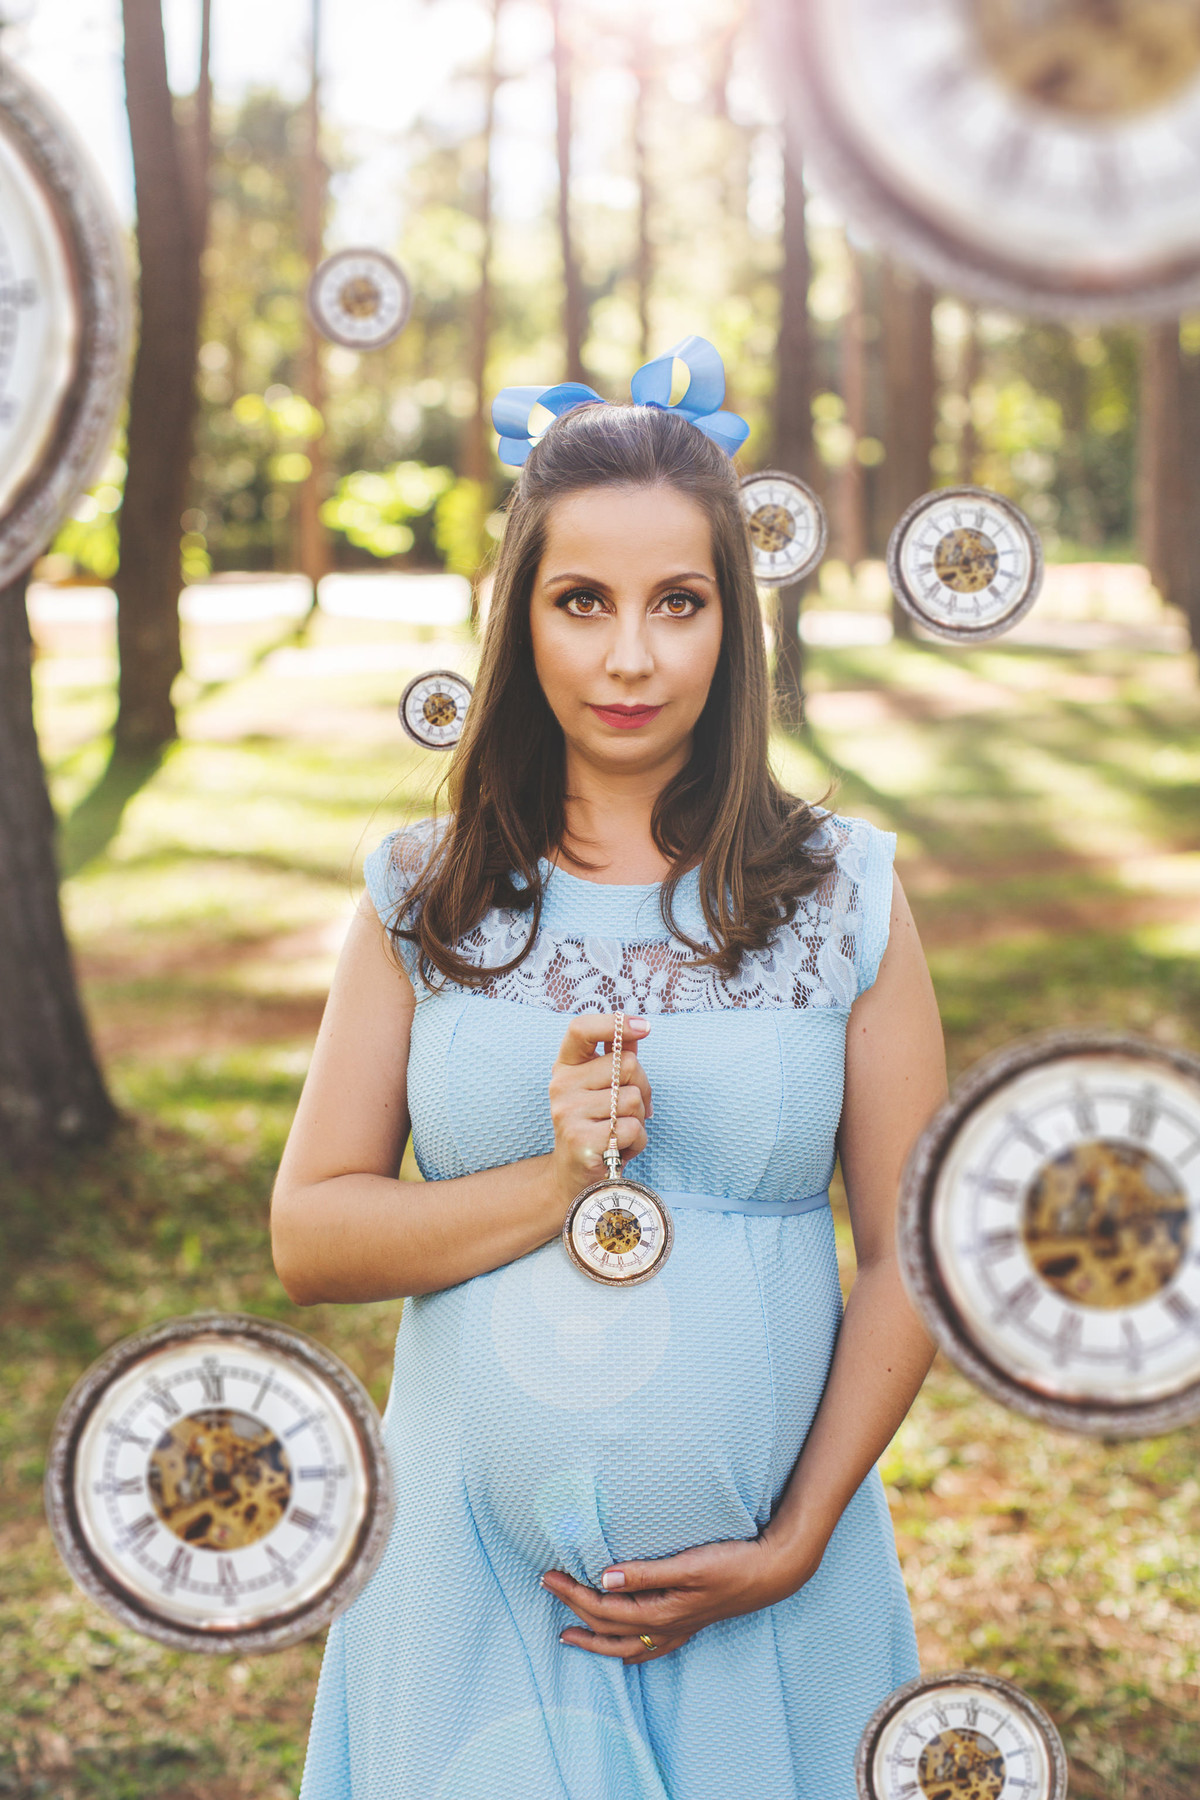 Ensaio de grávida na temática mundo Terra do Nunca feito pelo fotógrafo Rafael Ohana em Brasiilia-DF Wendy com muitos relógios